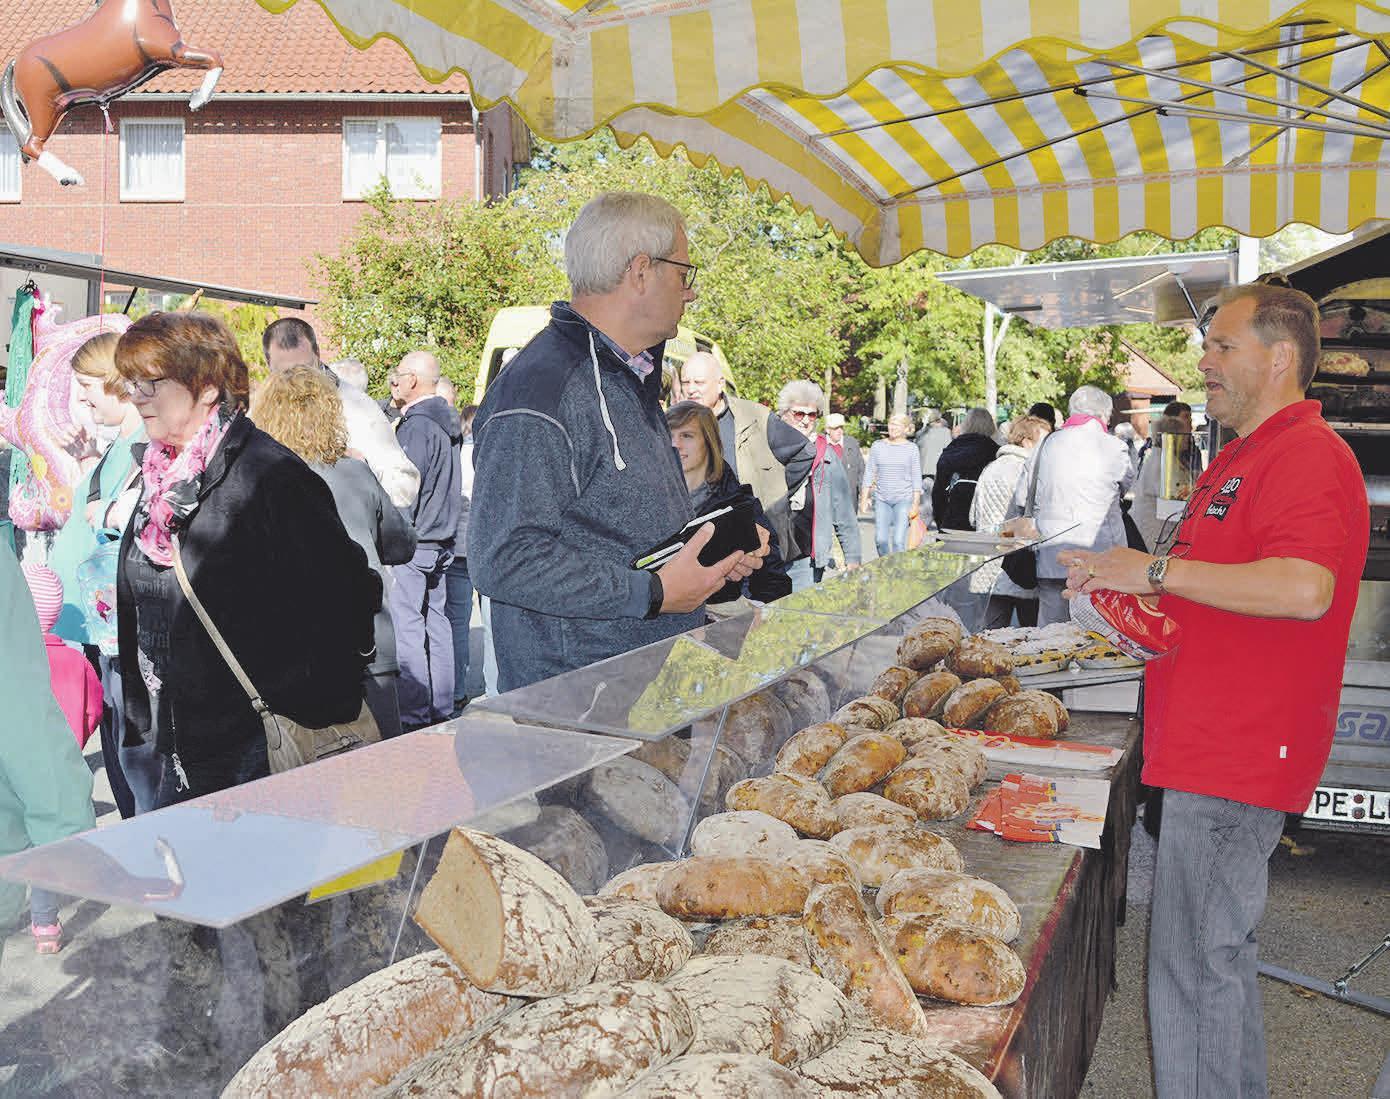 Die Bäckerei Grete will die Besucher mit frisch gebackenen Broten verwöhnen.